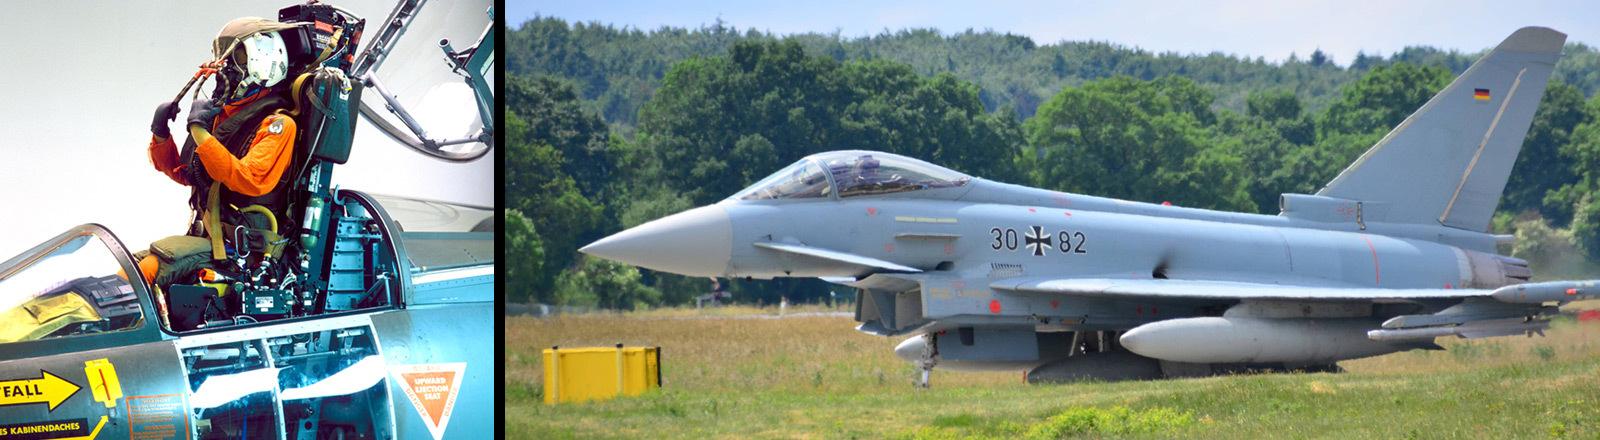 Schleudersitz und ein Kampfjet